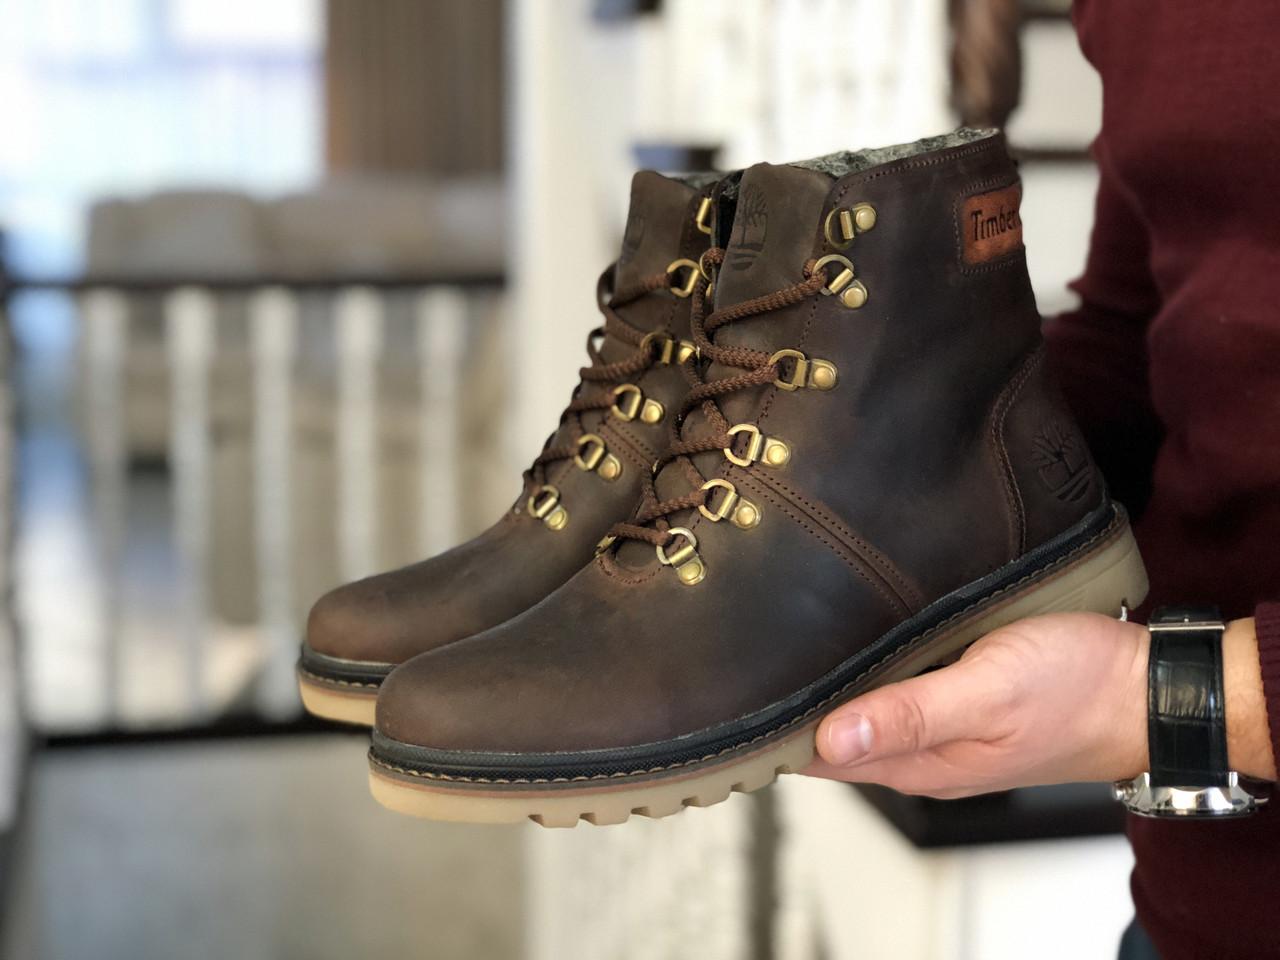 Ботинки Timberland, 40-45